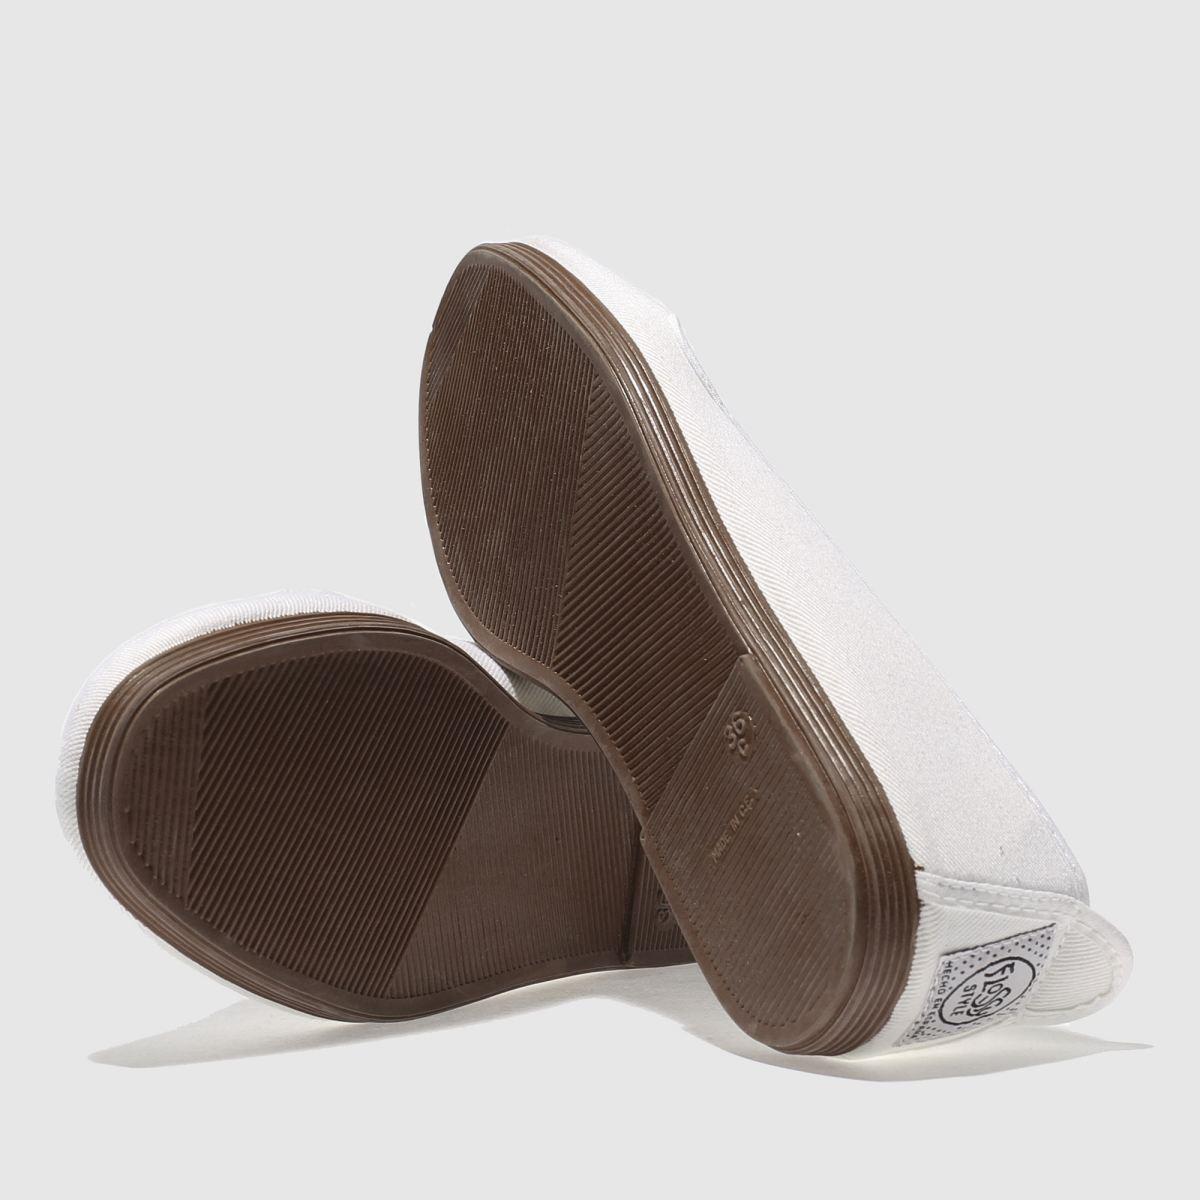 Damen   Weiß flossy Mijas Flats   Damen schuh Gute Qualität beliebte Schuhe aa7560